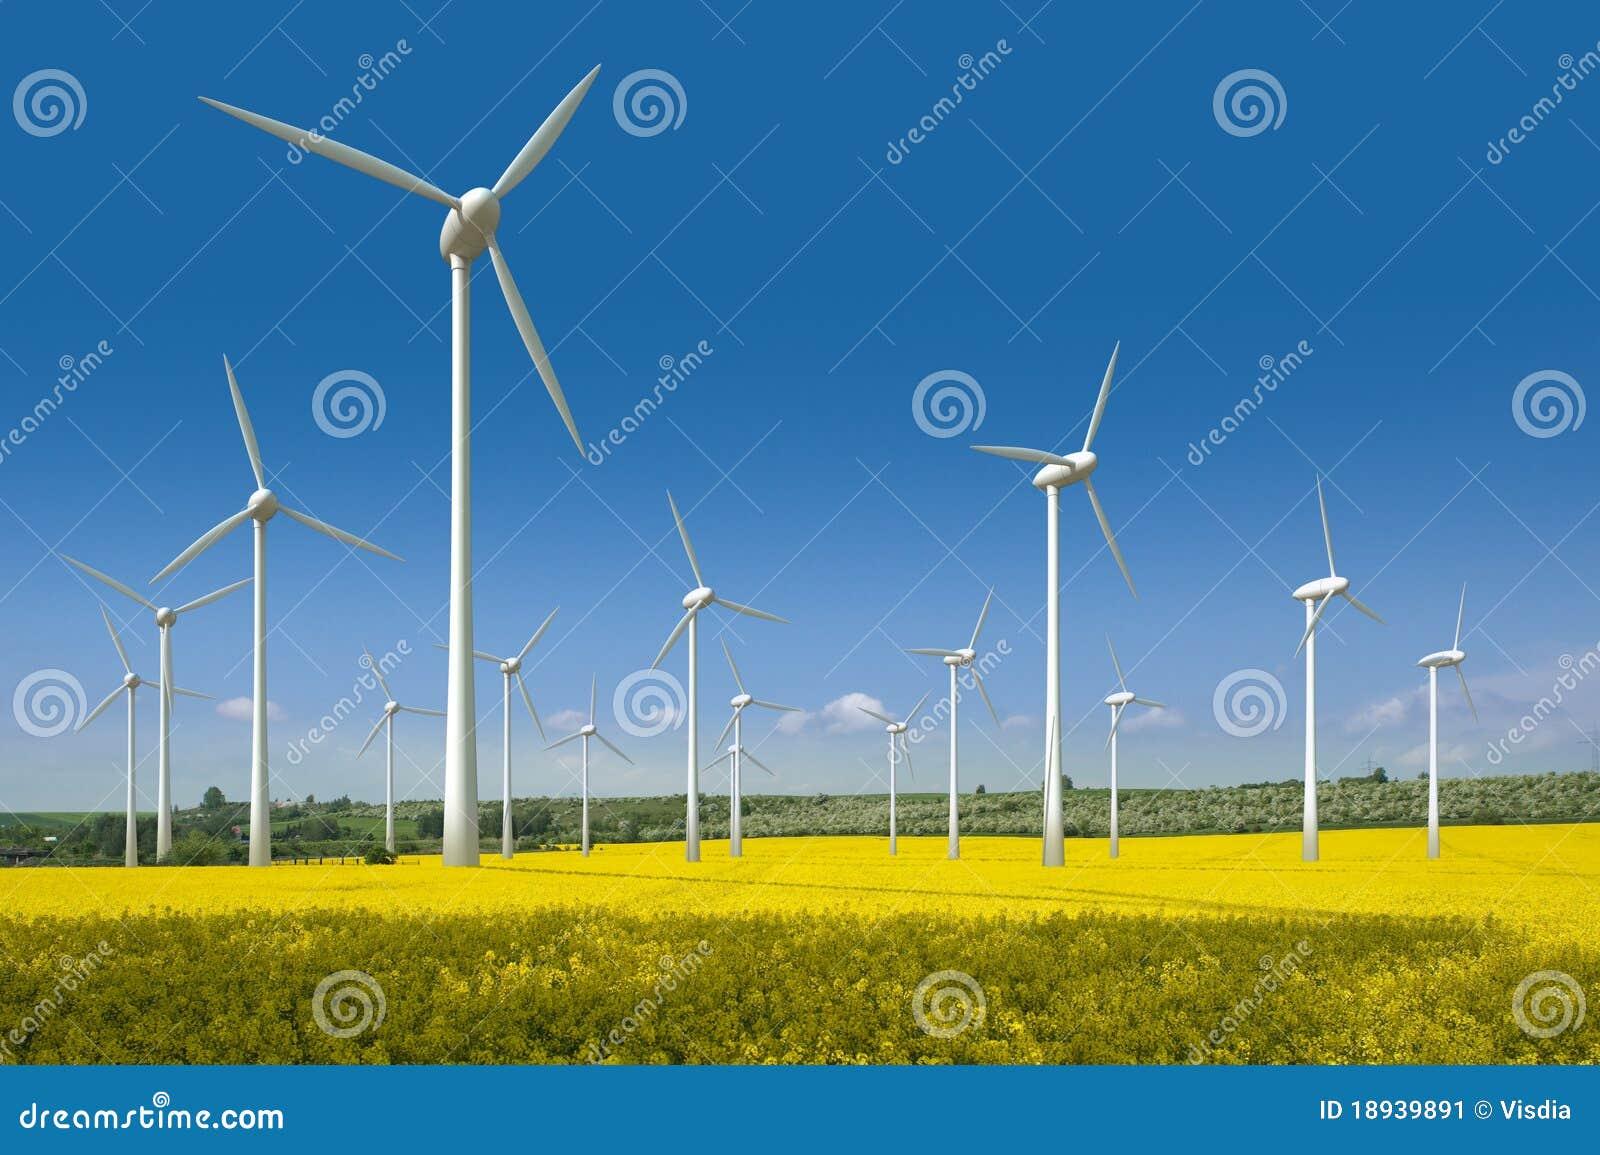 域油菜籽涡轮风